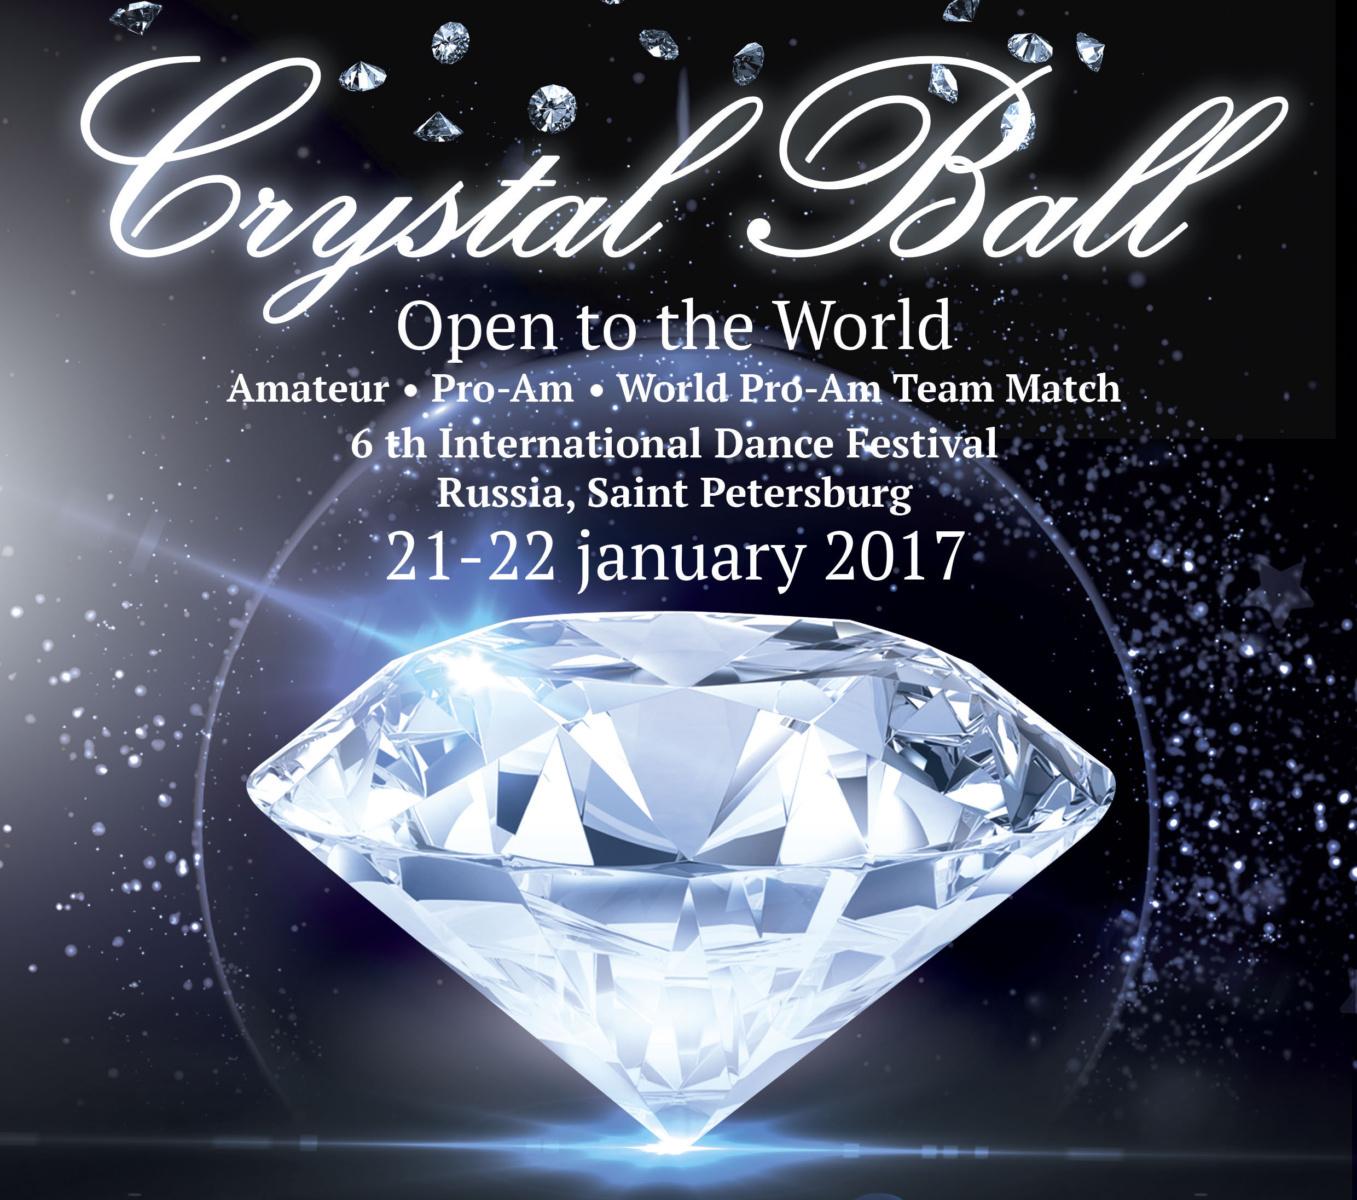 Crystal Ball 2017